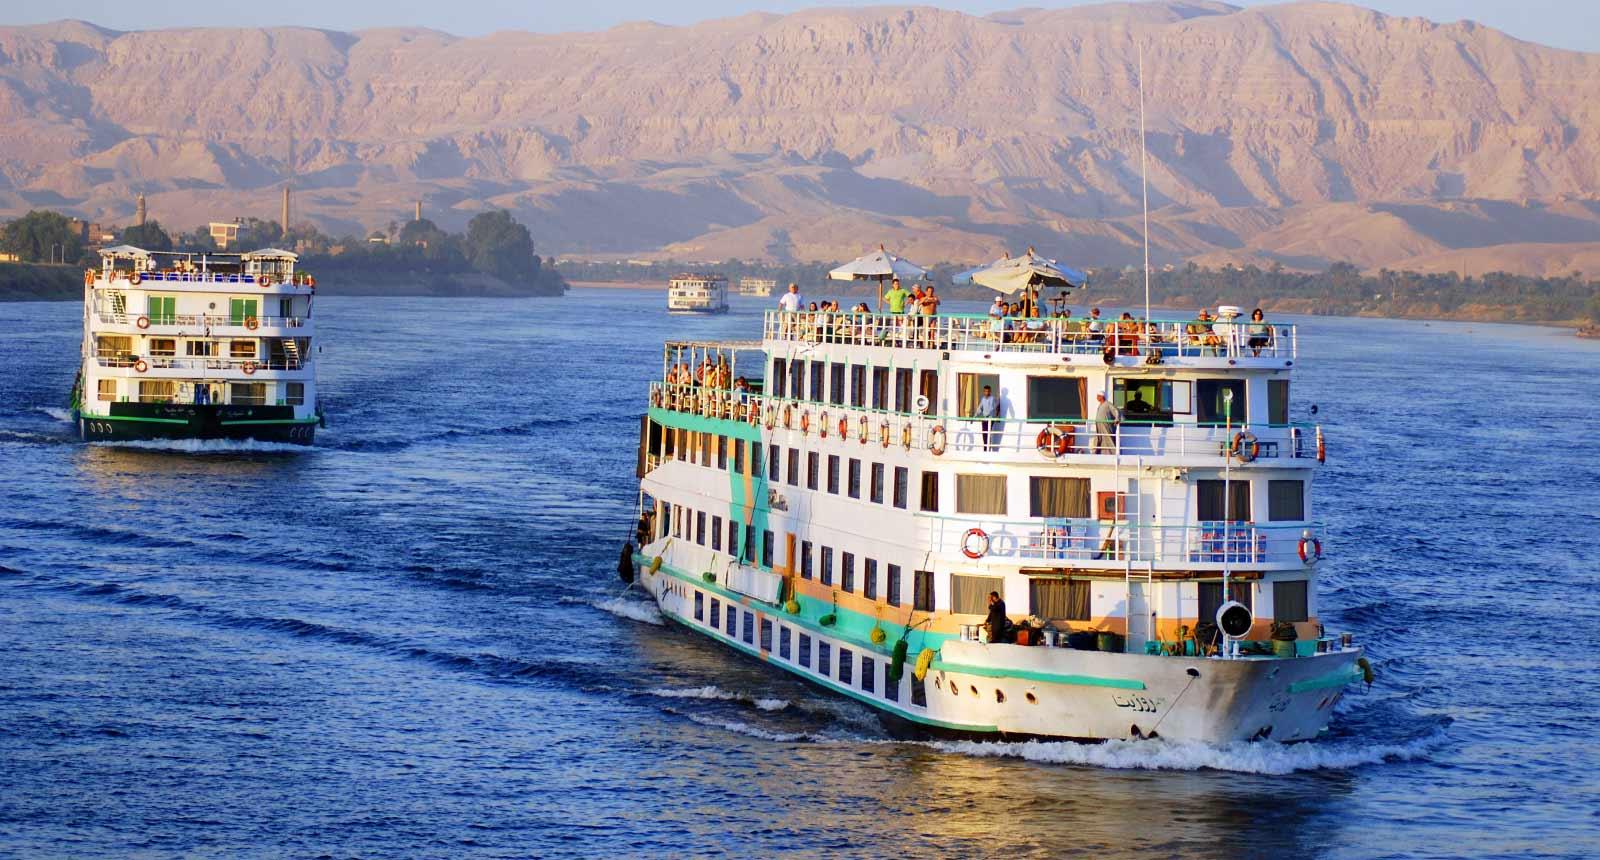 Cairo, Nile Cruise & Sharm El Sheikh